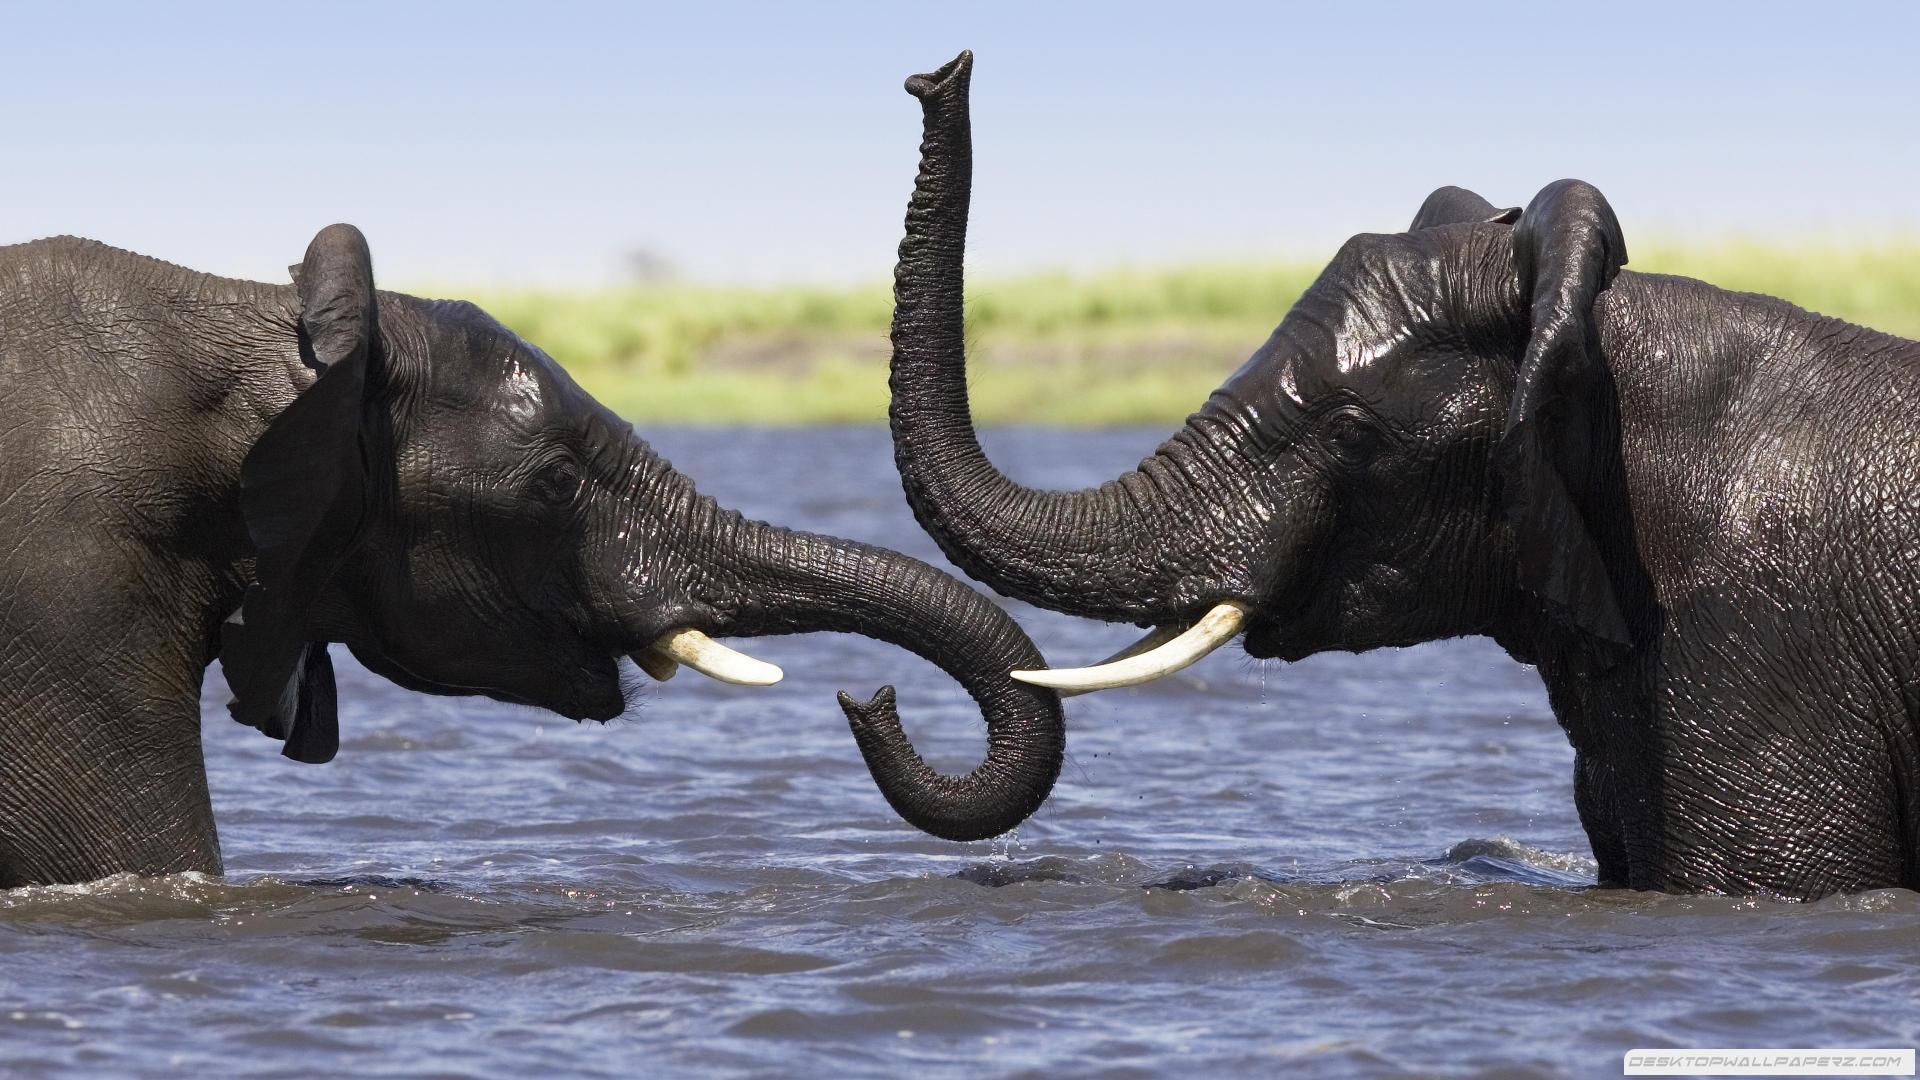 Elephant In Water 1920×1080 Wallpaper   Wide Screen Wallpaper 1080p ...